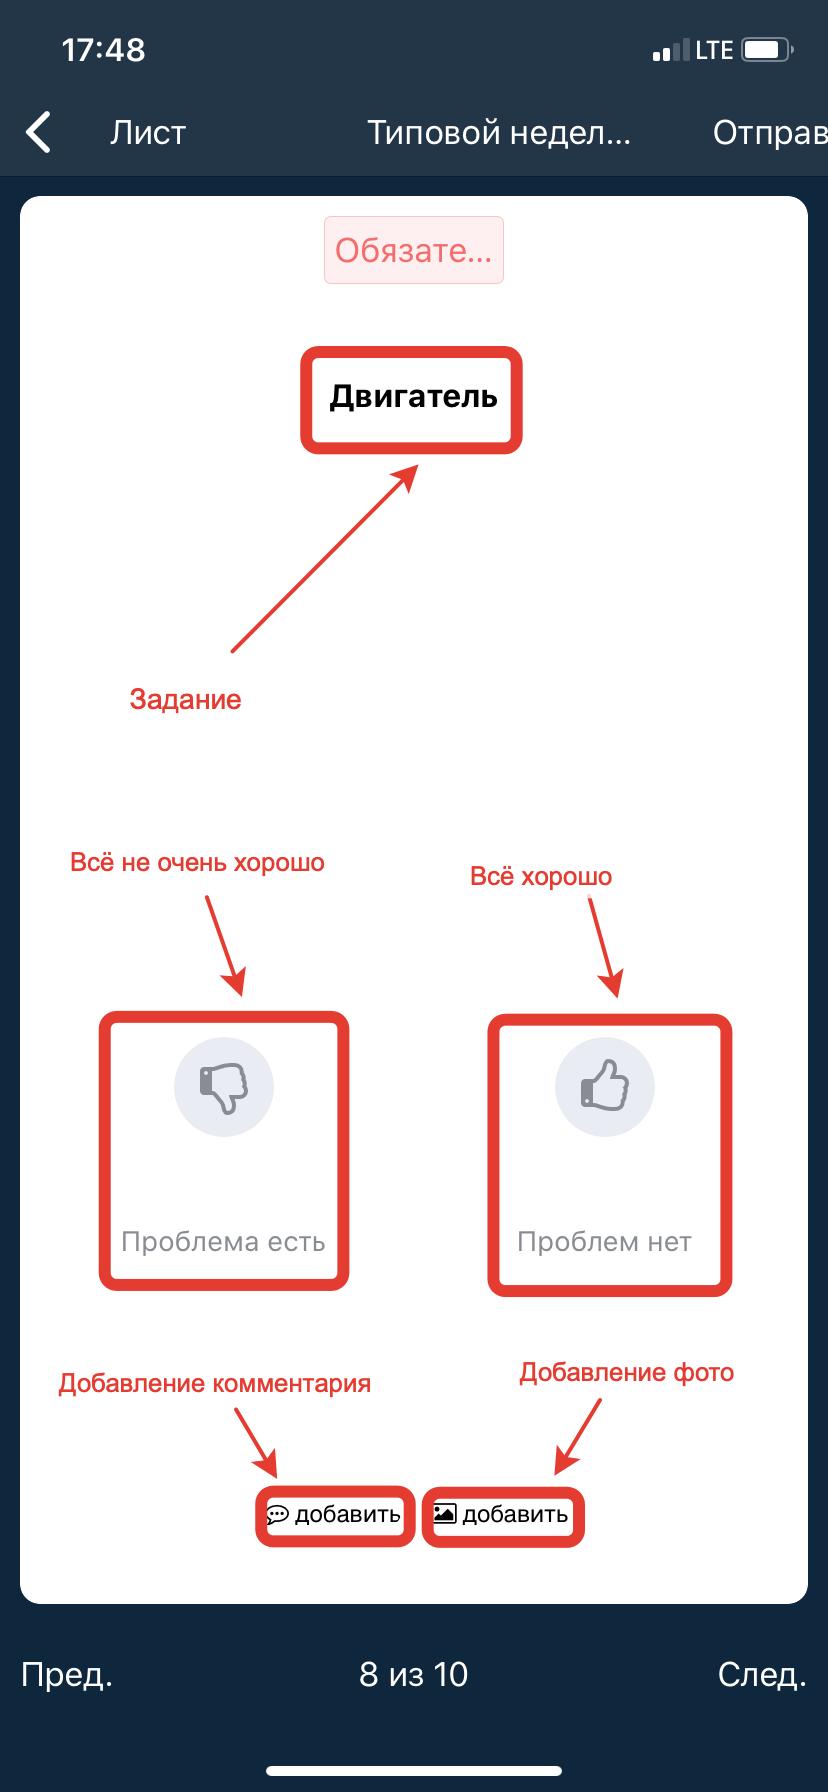 Мобильное приложение Завгар Онлайн - прохождение электронного технического осмотра 5